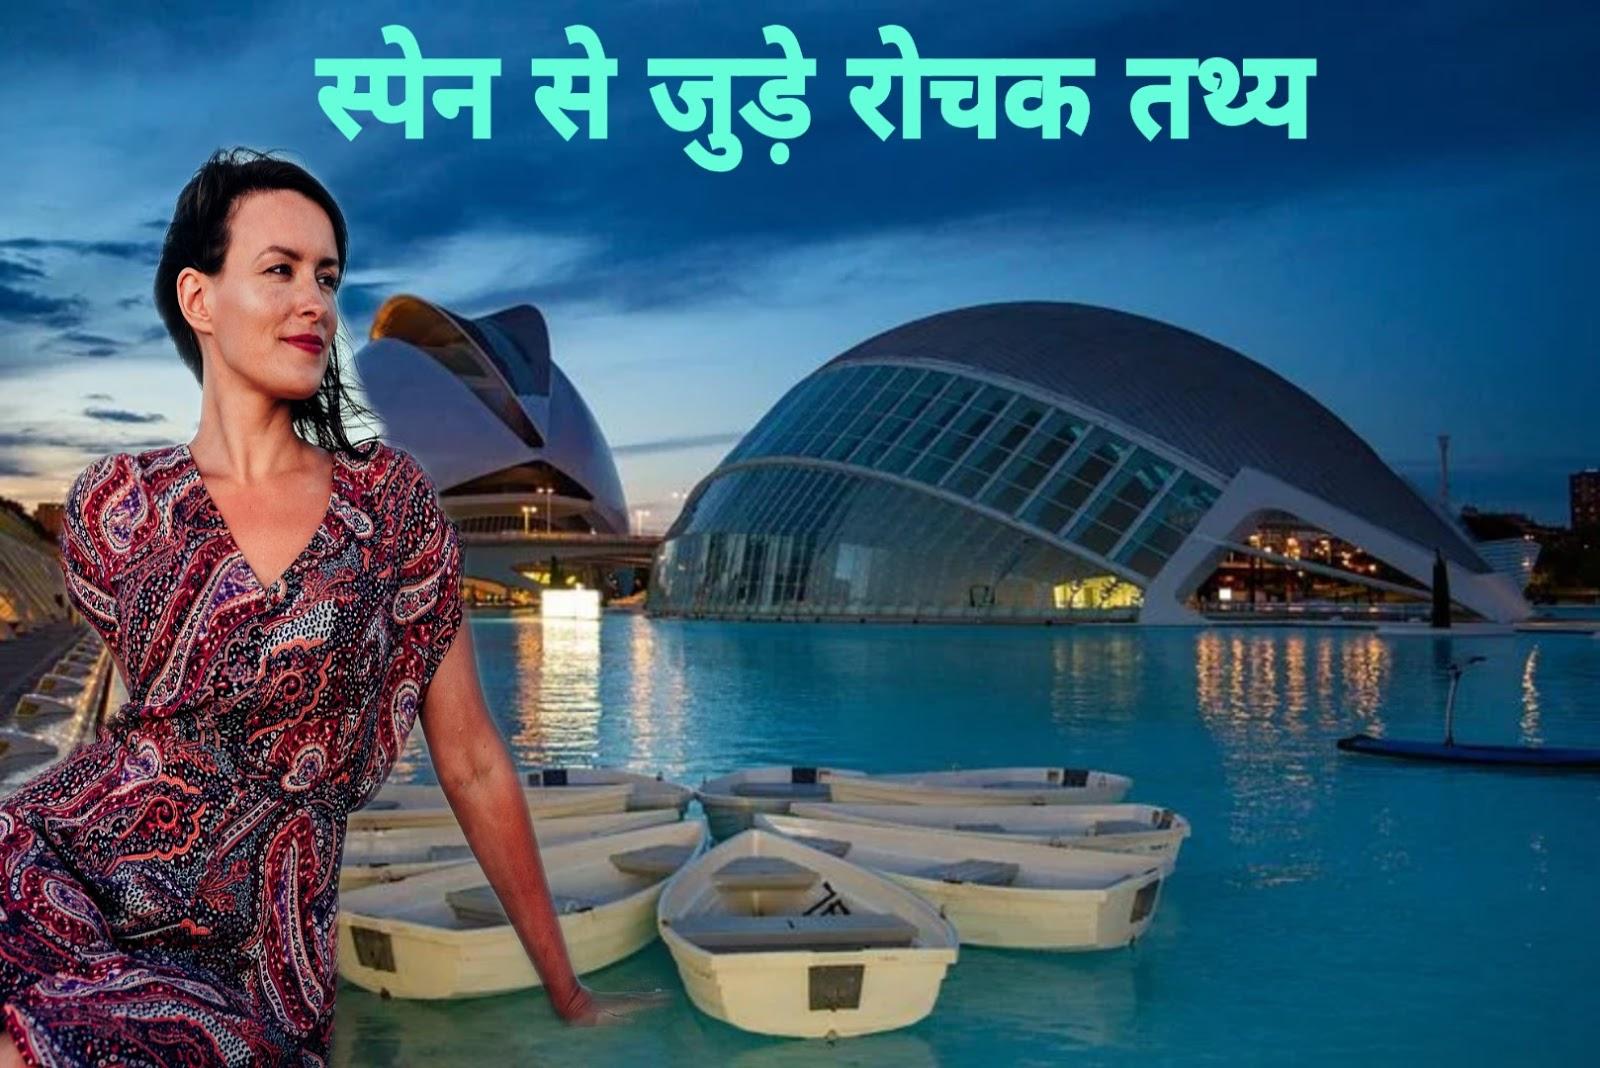 स्पेन देश से जुड़े रोचक तथ्य और जानकारी   Spain Facts in Hindi